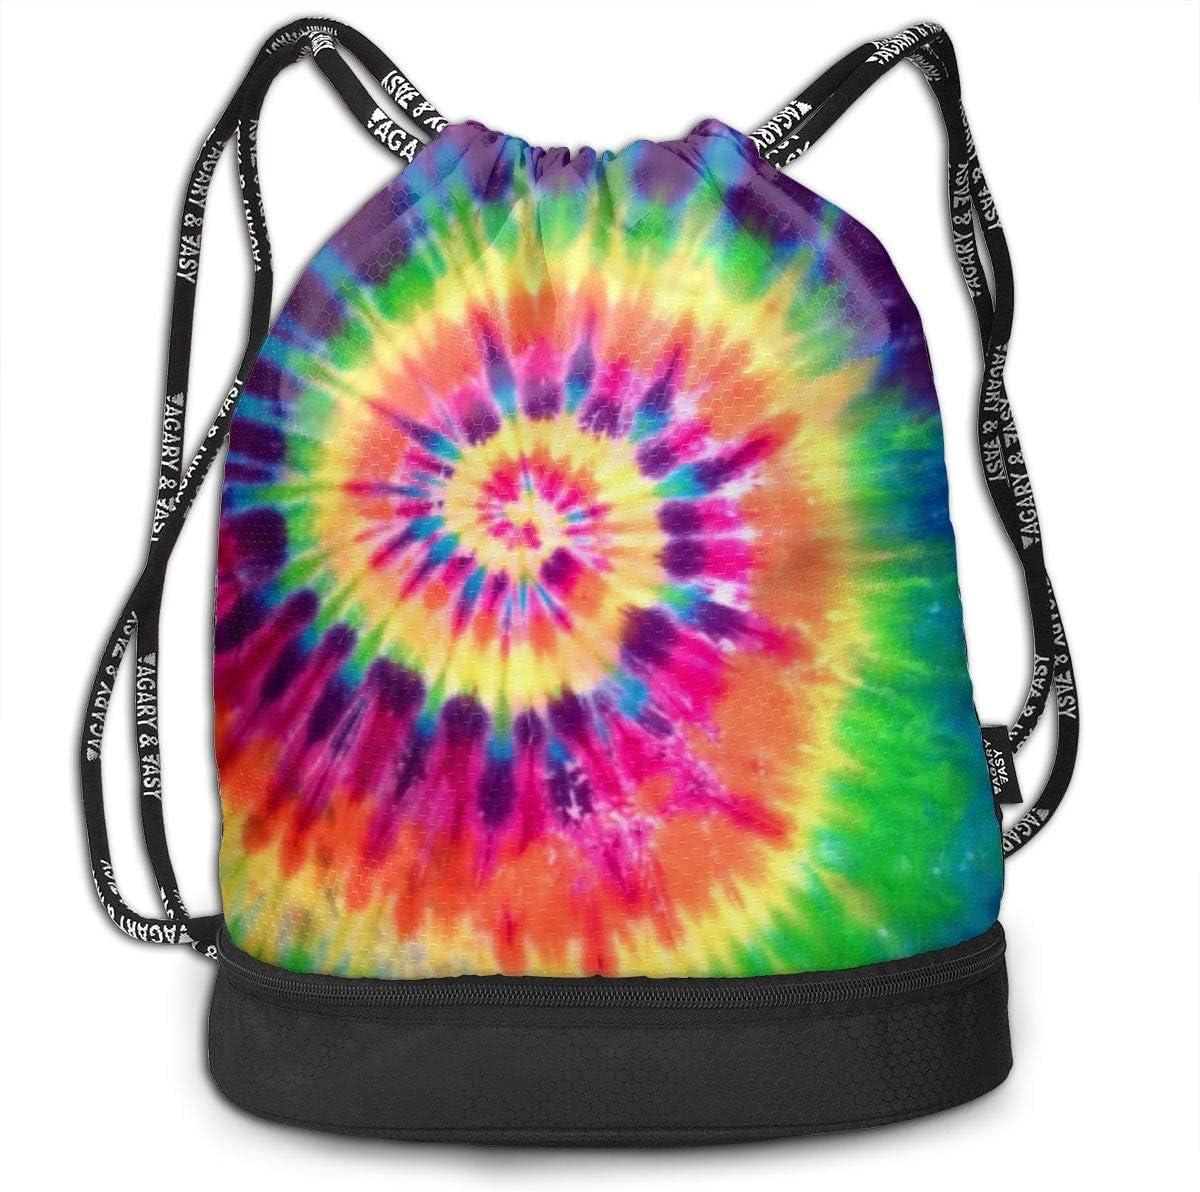 HUOPR5Q Hedgehog Drawstring Backpack Sport Gym Sack Shoulder Bulk Bag Dance Bag for School Travel